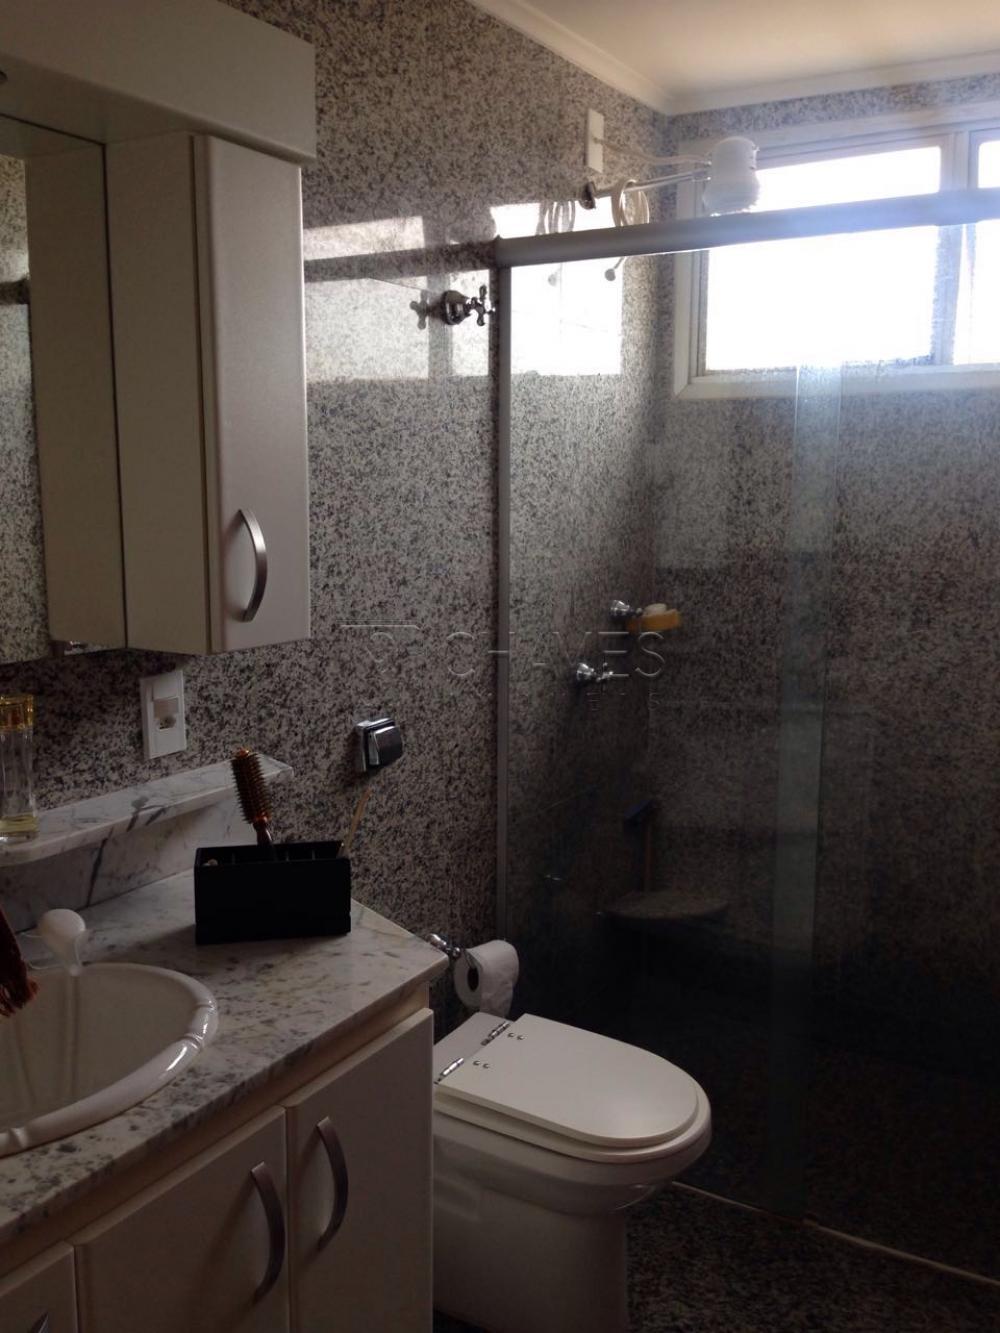 Comprar Apartamento / Padrão em Ribeirão Preto apenas R$ 415.000,00 - Foto 21